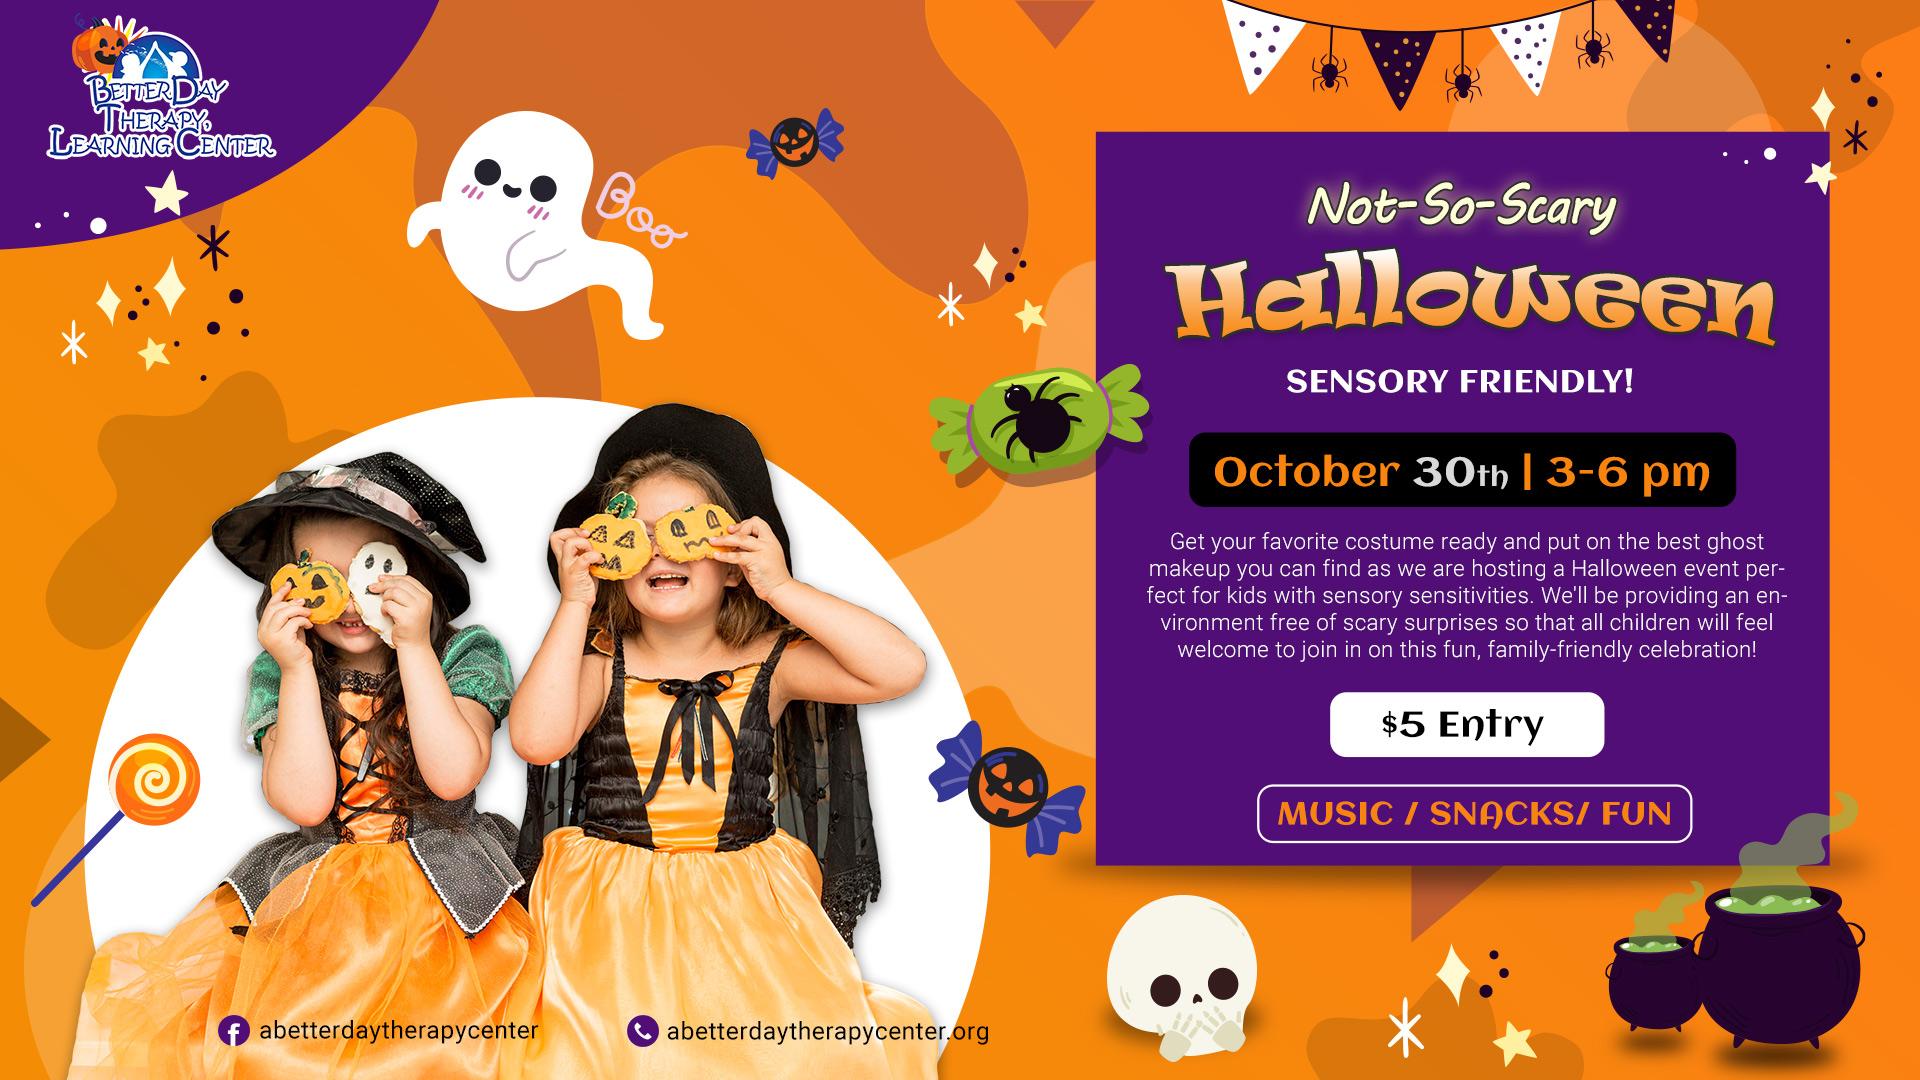 Halloween Event for Kids Doral, FL